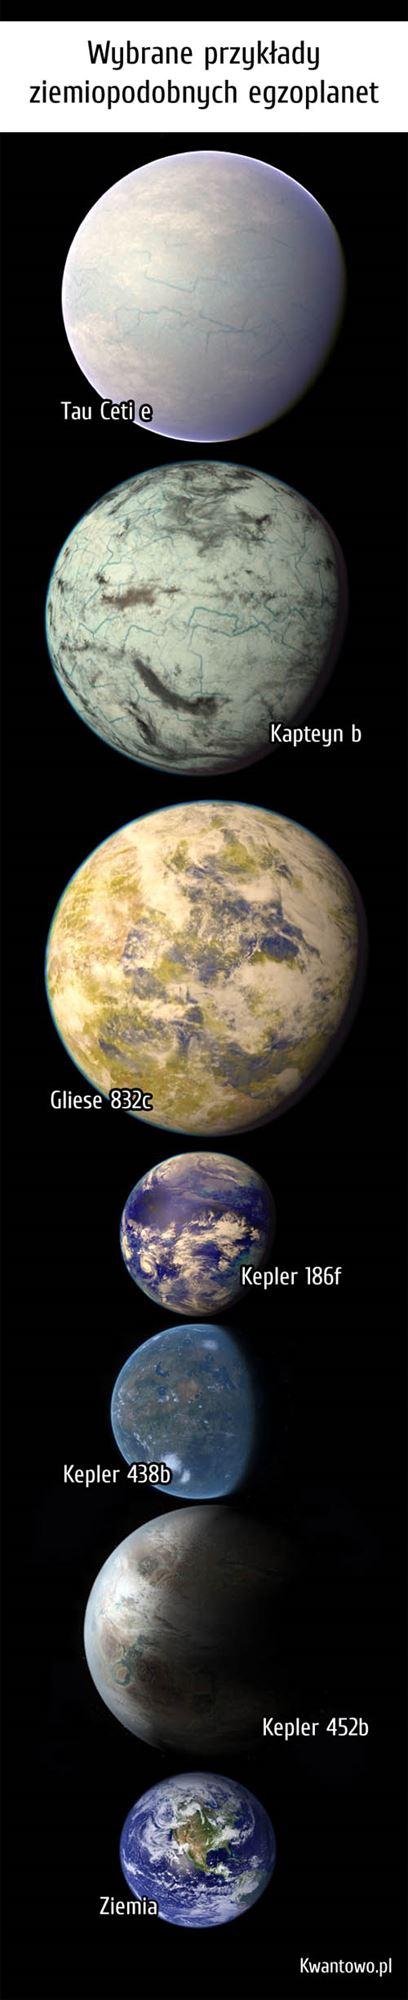 planetki ziemiopodobne